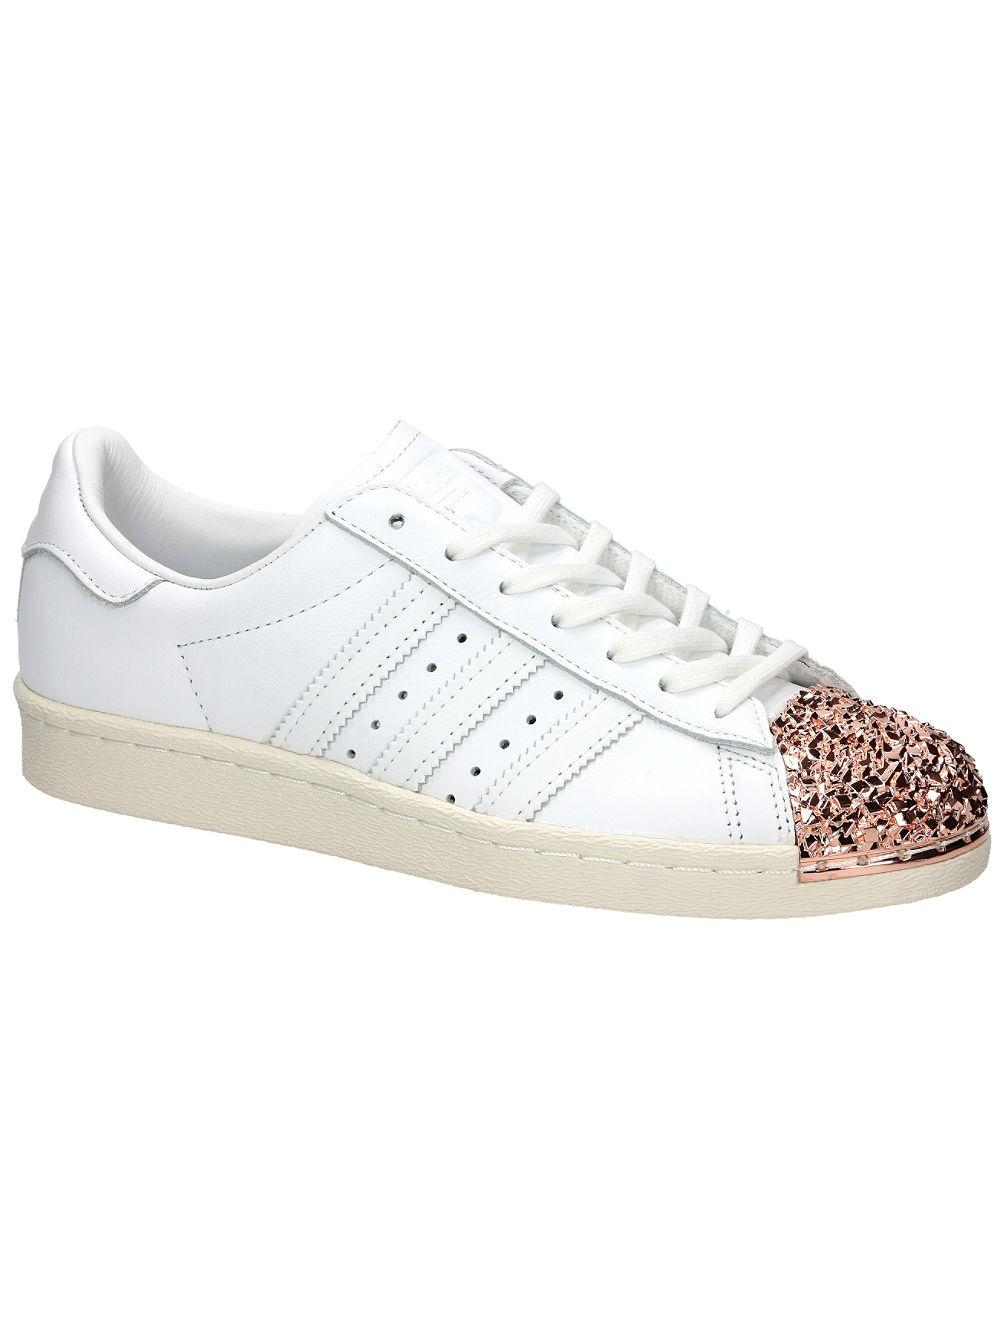 adidas-originals-superstar-80s-3d-mt-w-sneakers-women